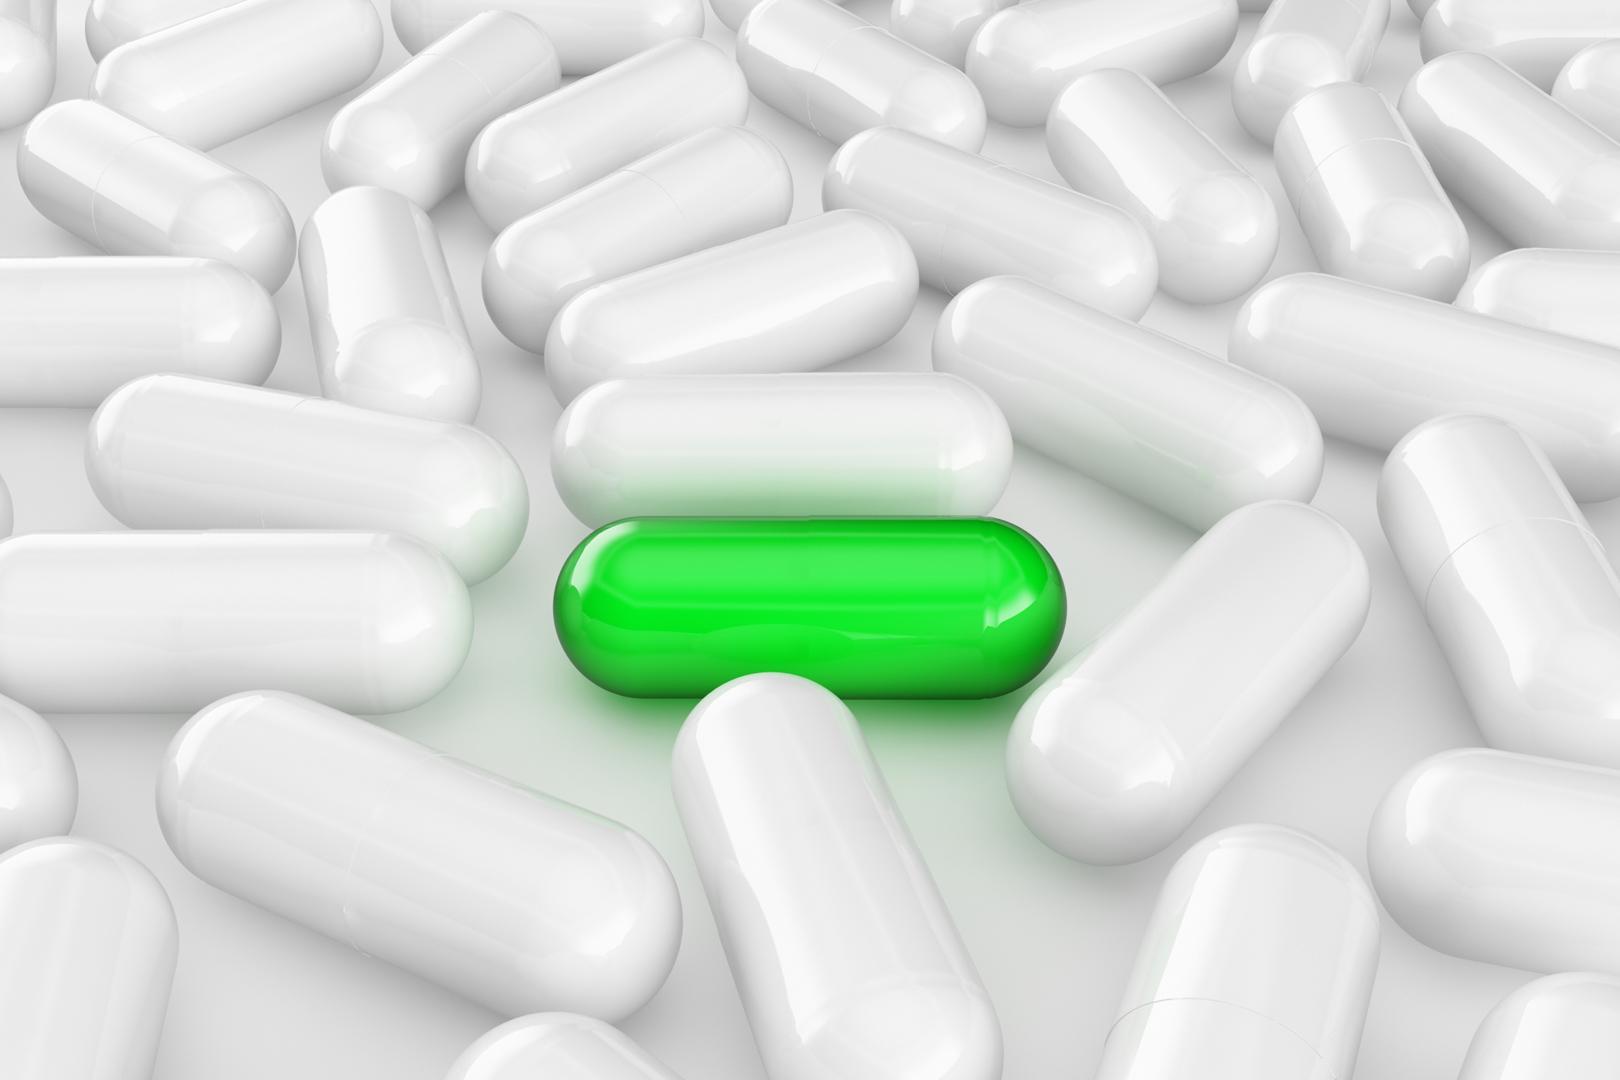 Хронический гепатит С (ХГС) становится все более тяжелым грузом для общества.